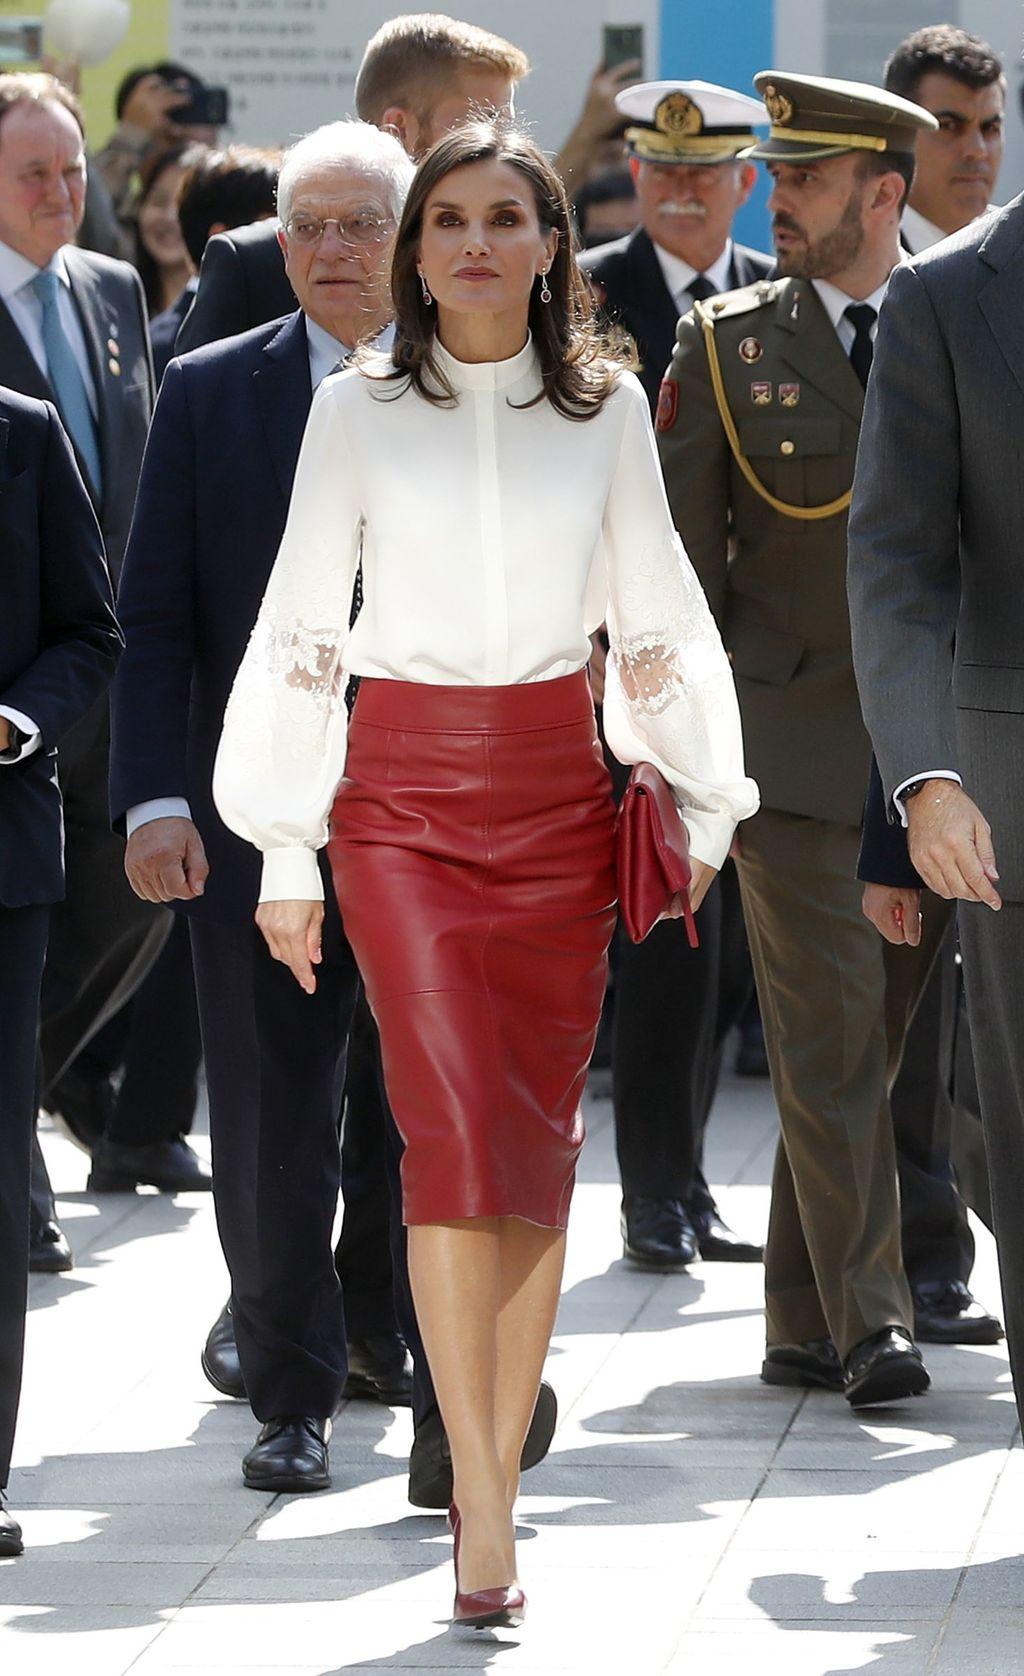 تنسيق شبابي في تنورة ميدي جلد وقميص أبيض اعتمدته الملكة ليتيسيا